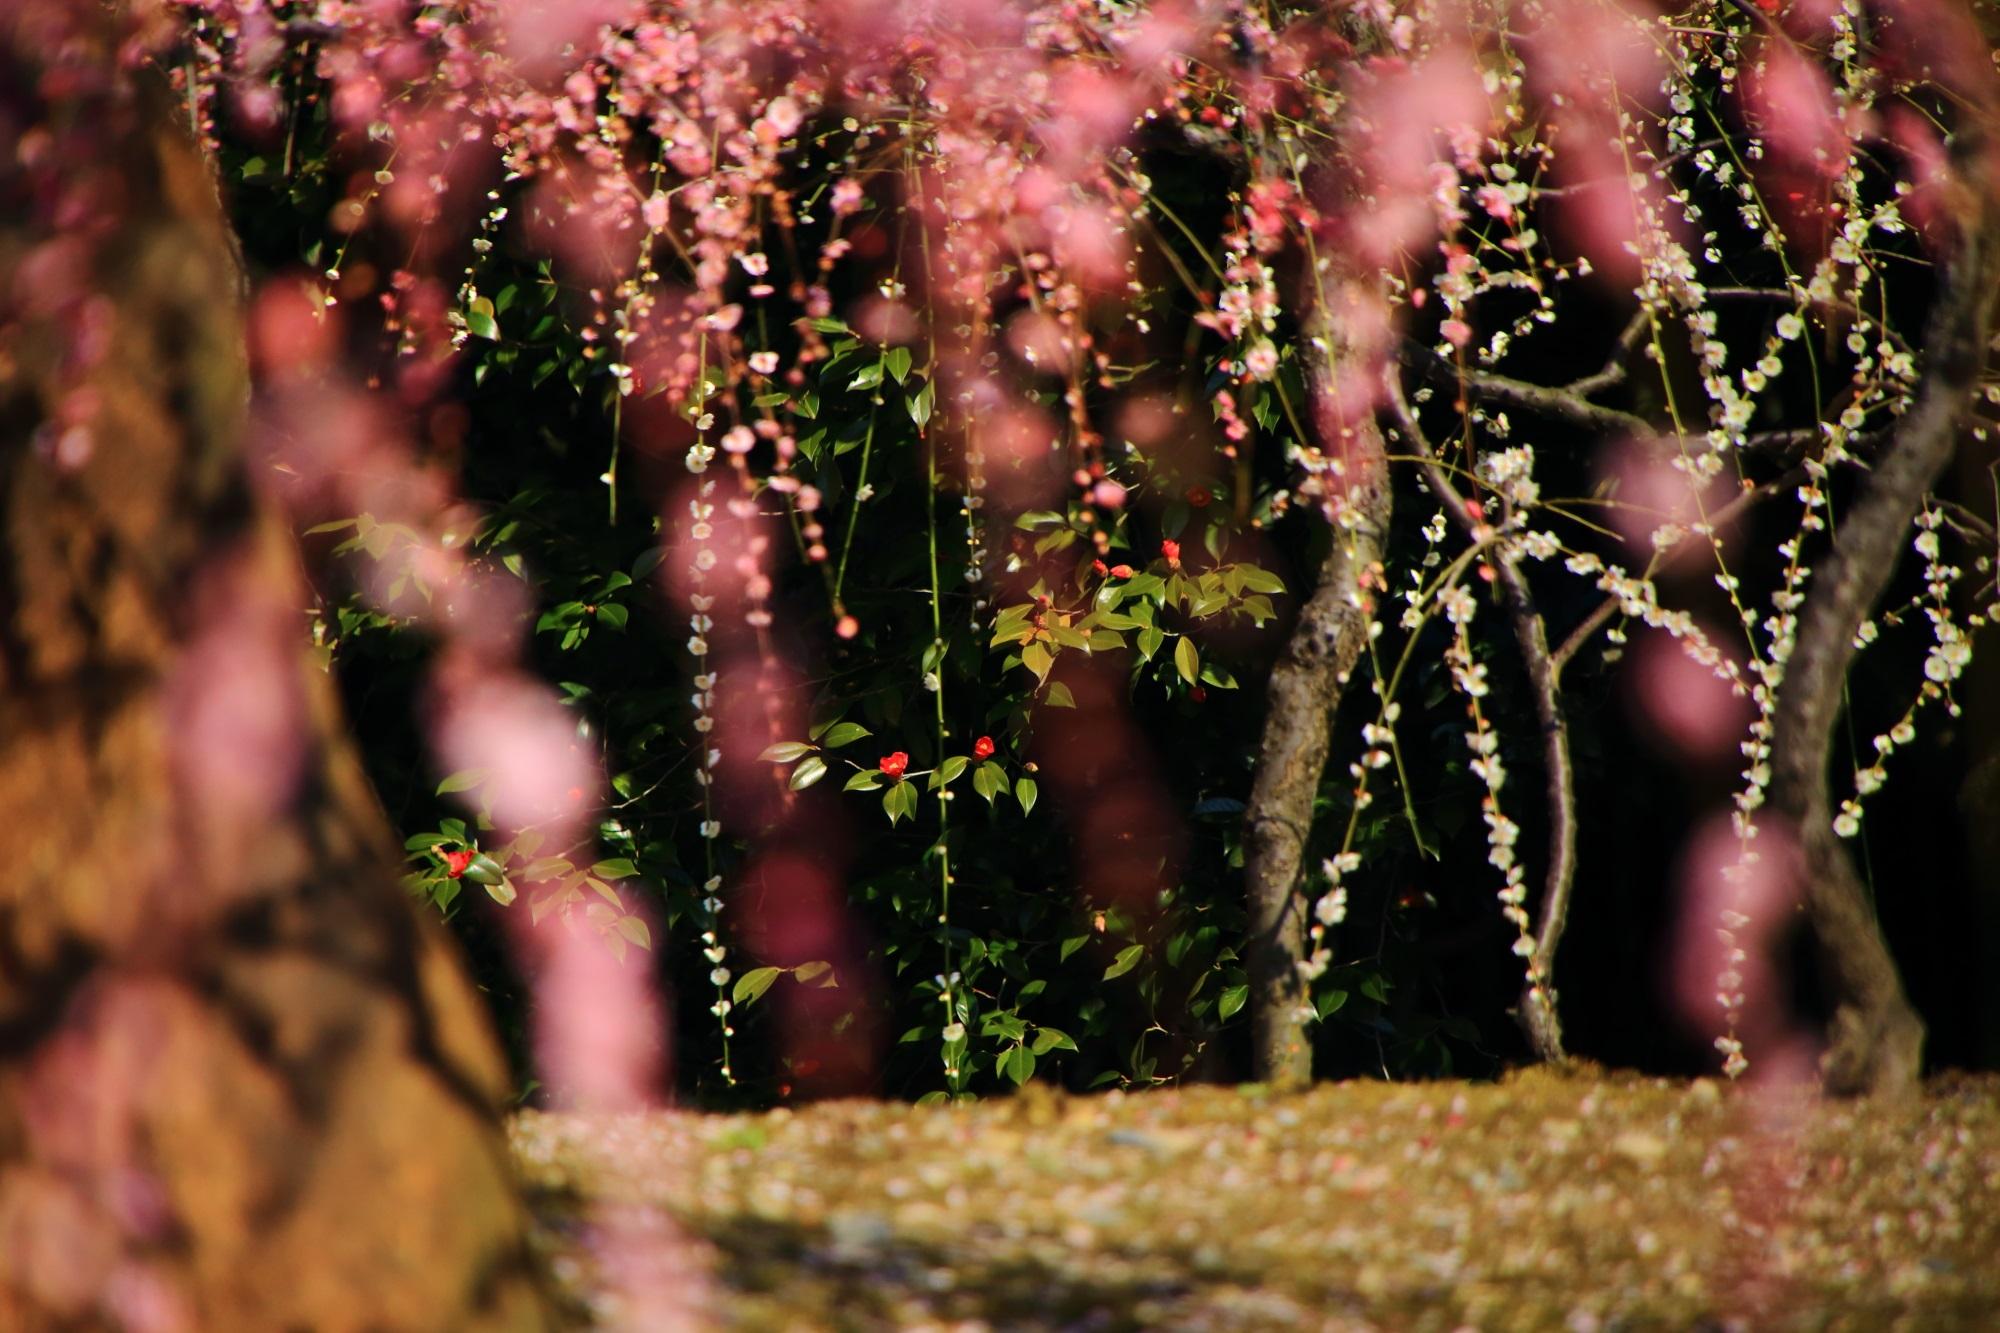 赤い花をつけた椿を背景とした華やかなしだれ梅